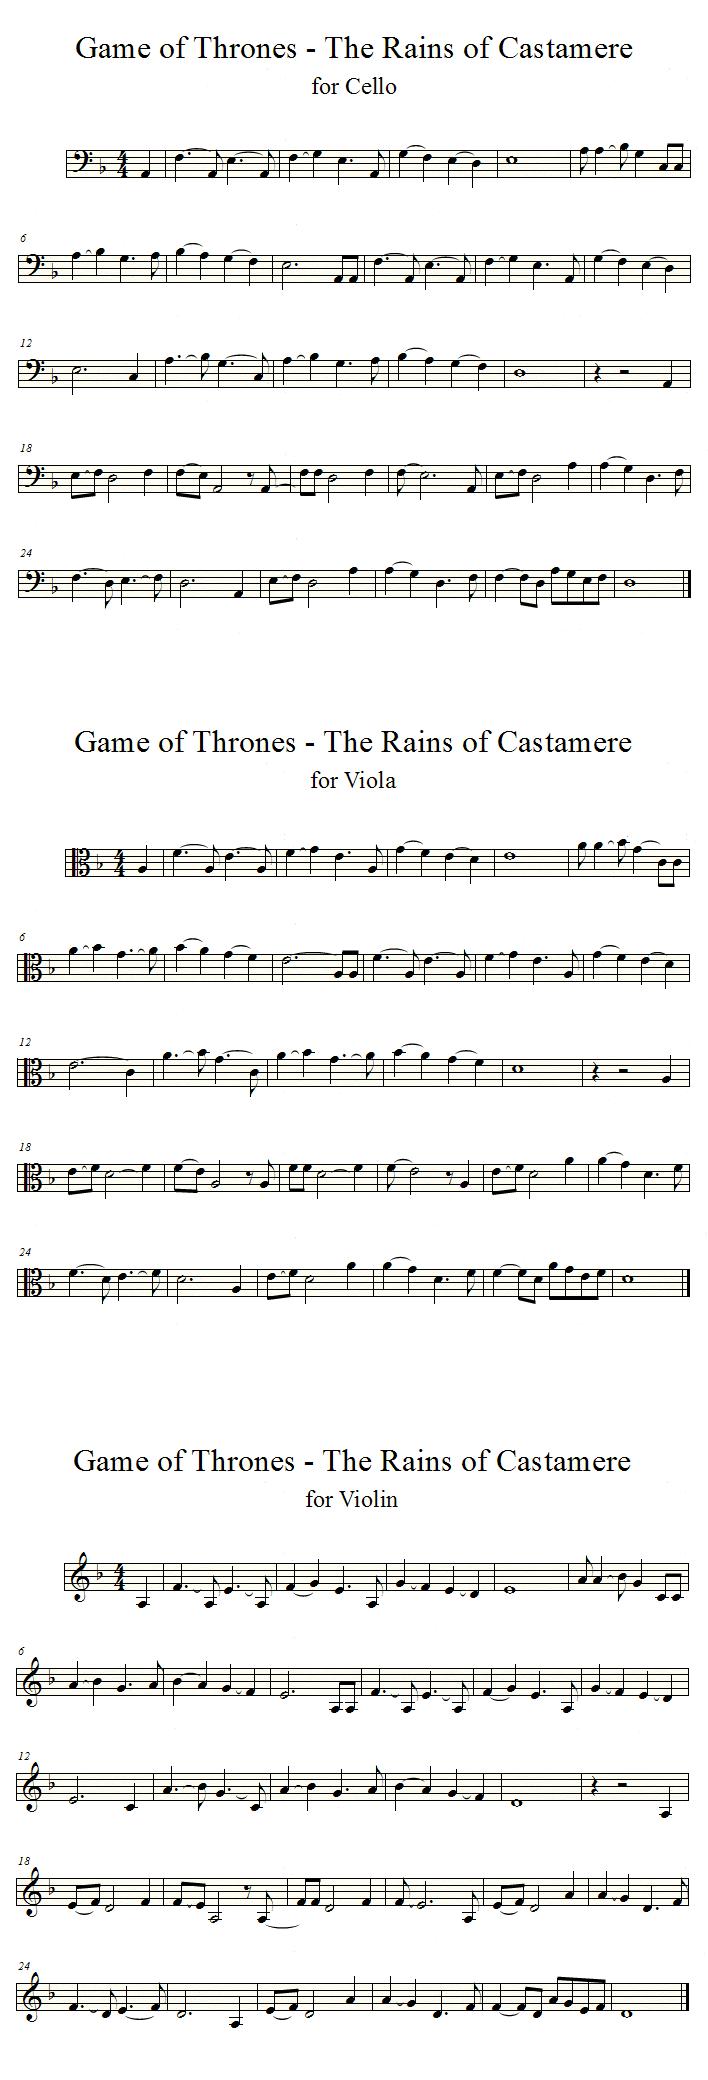 Rains of castamere cello violin viola solos by valdesu on deviantart - Tablature le vent nous portera ...